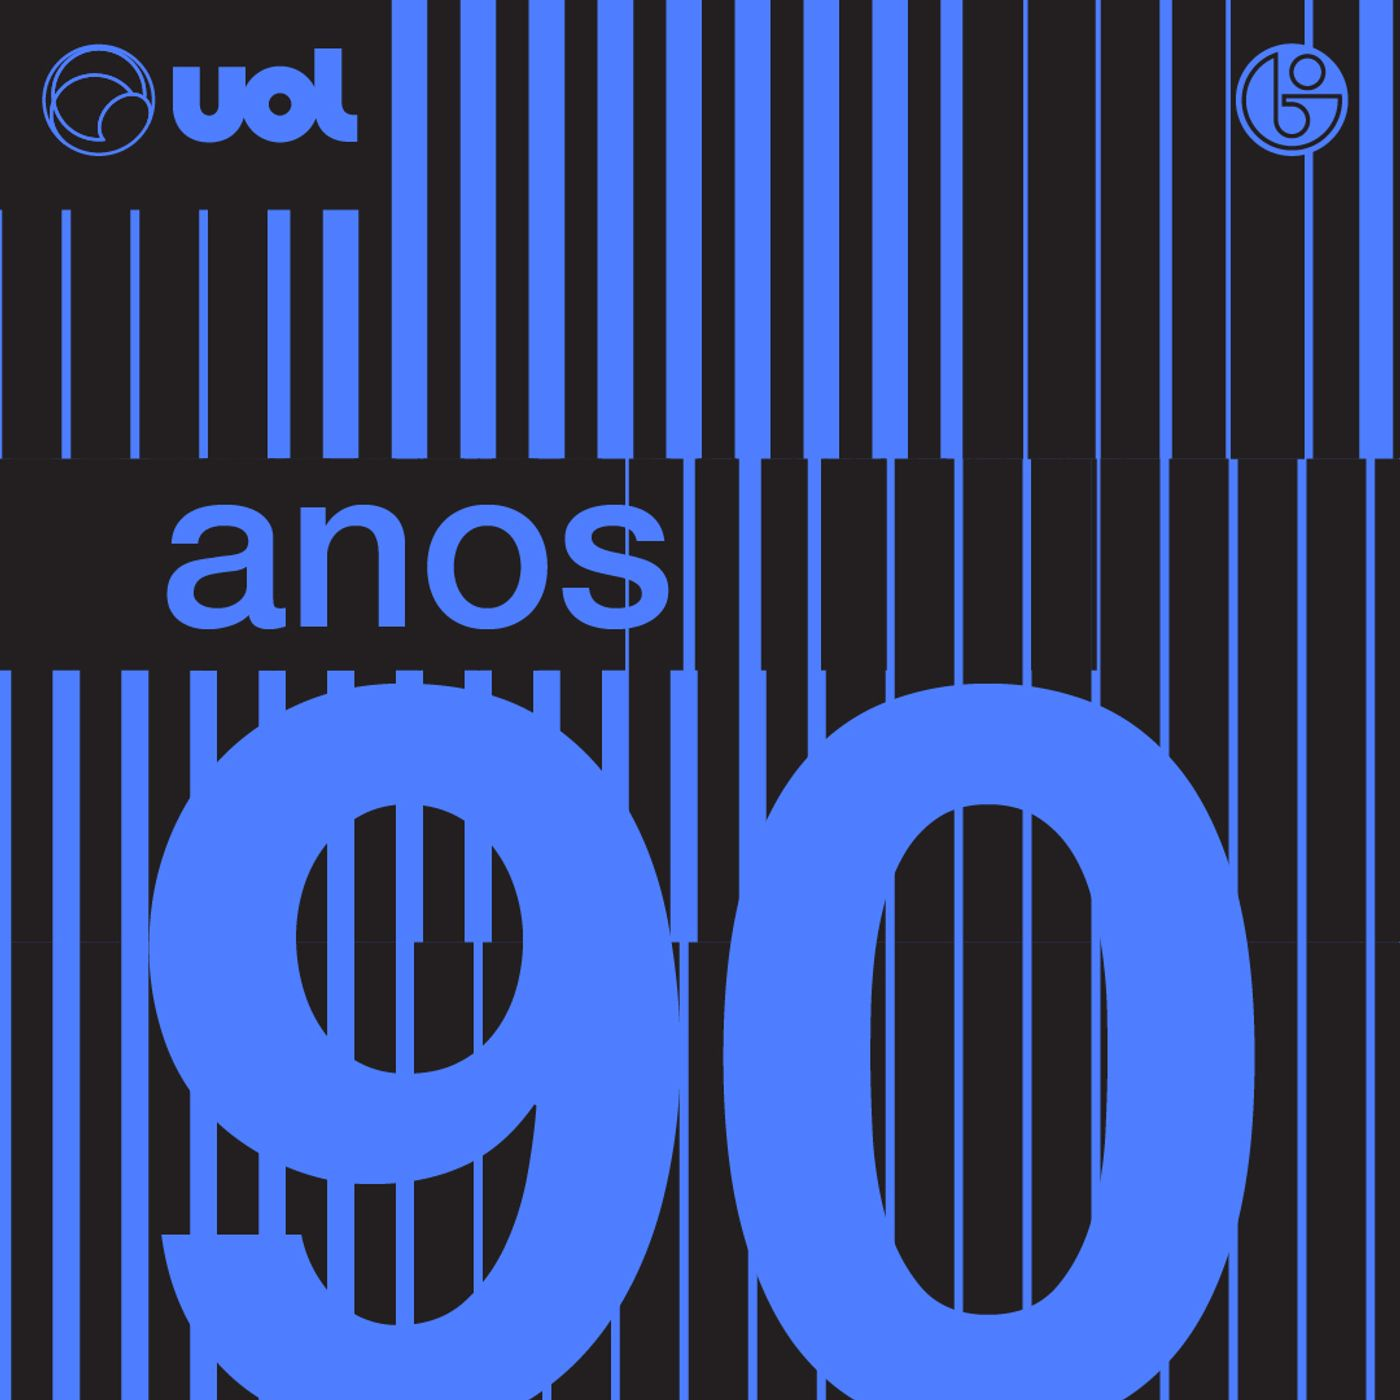 Anos 90: globalização, internet e antropofagia